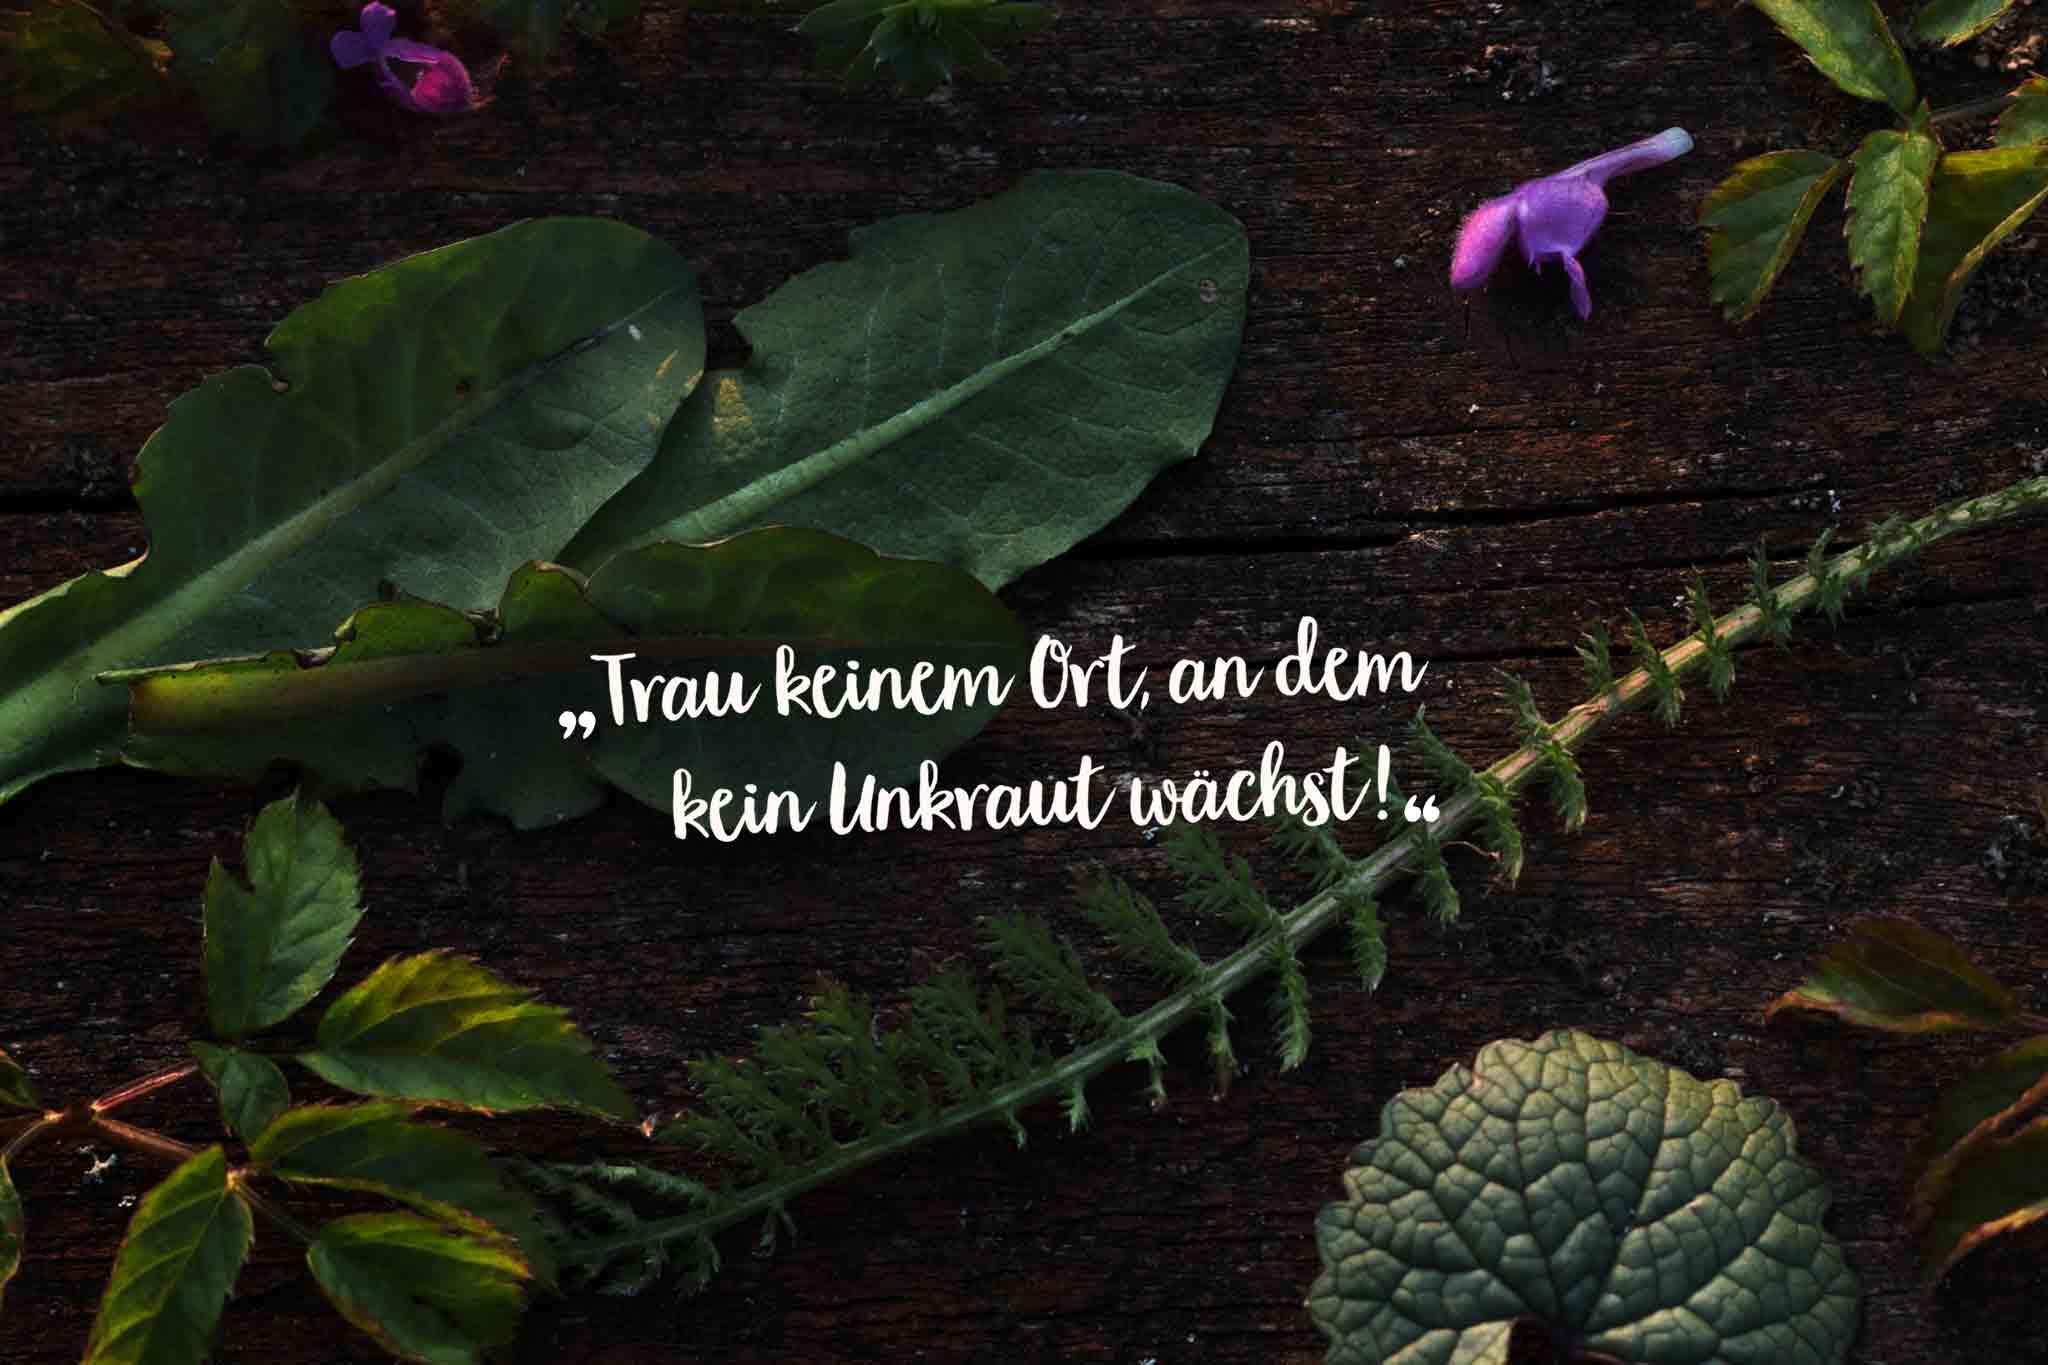 Herbal Hunter - Trau keinem Ort, an dem kein Unkraut wächst – 9 Dinge die dum beim Sammeln von Wildkräutern wissen musst